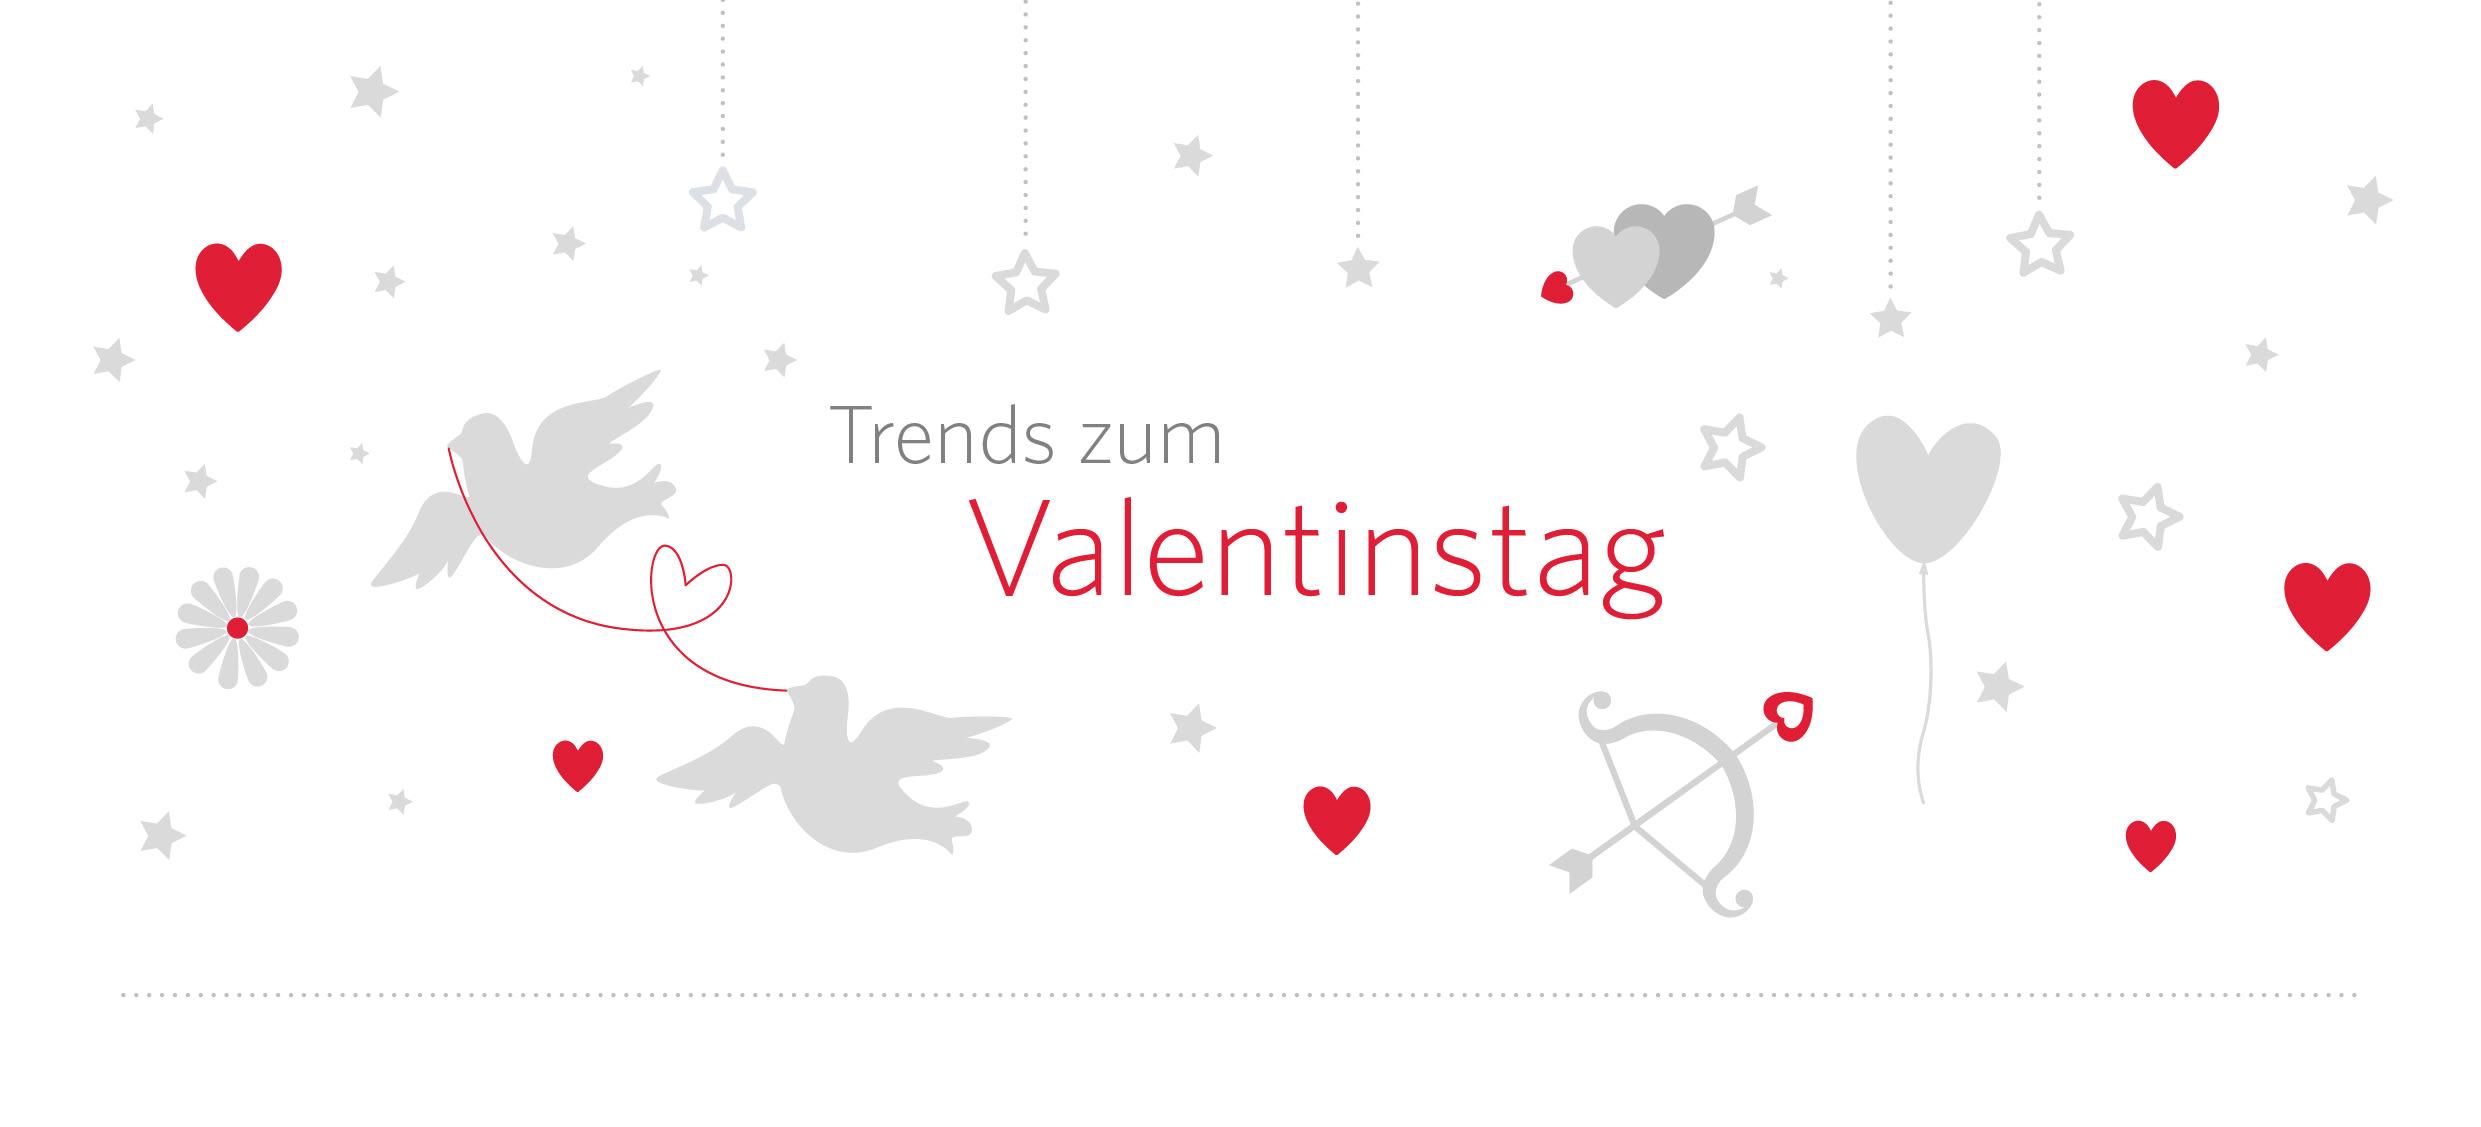 Trends zum Valentinstag